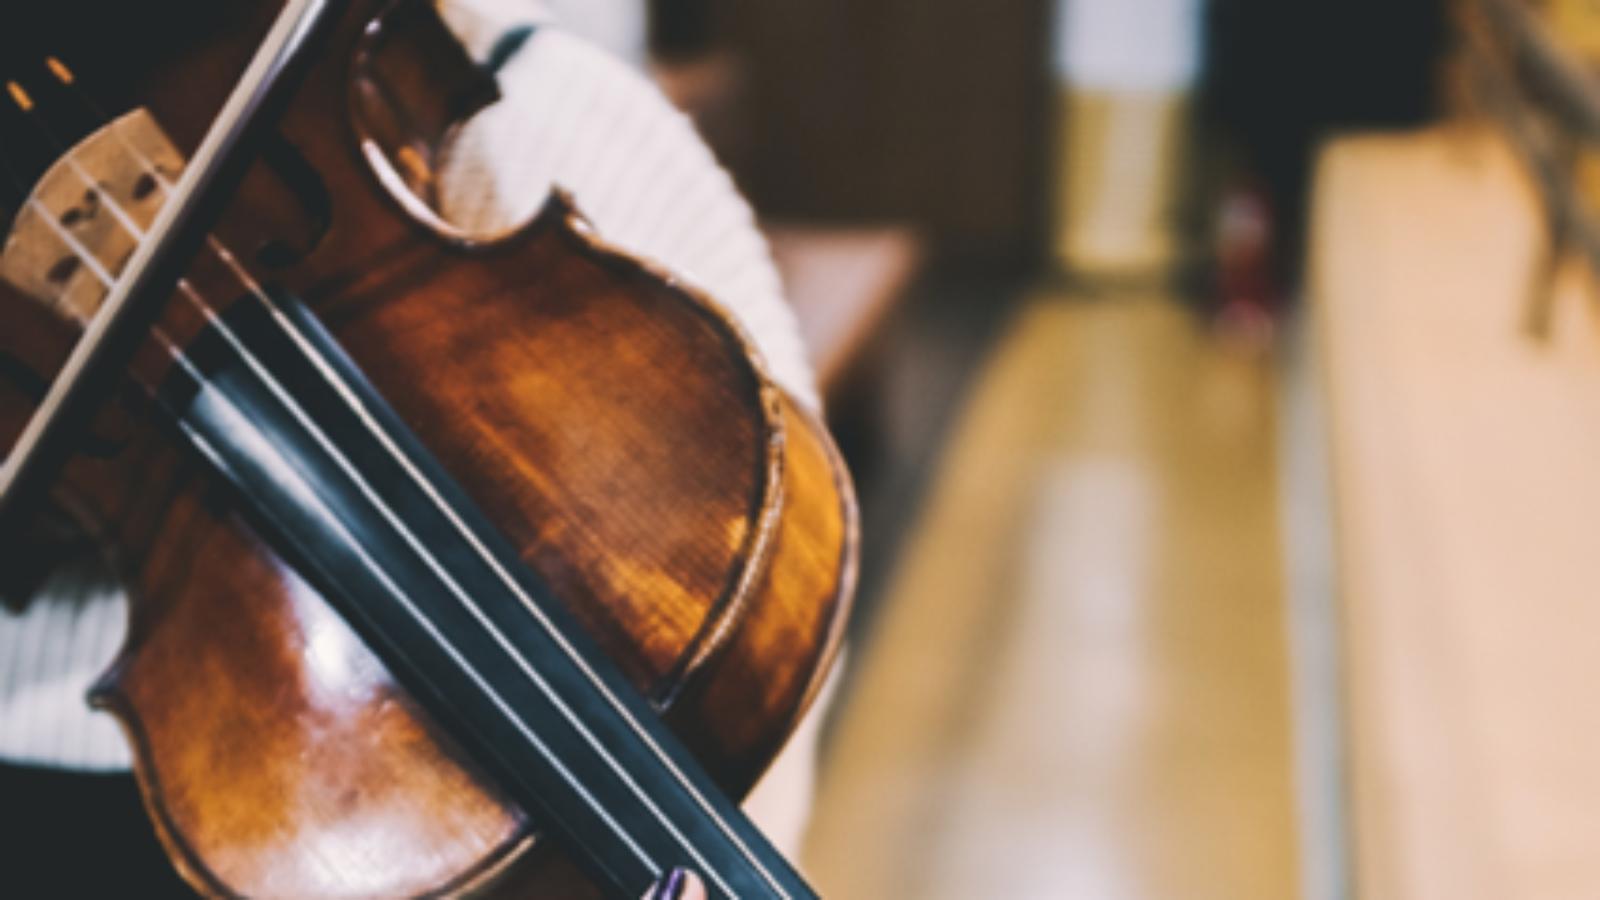 【必聴】無伴奏のヴァイオリン名曲おすすめ5選!知っておきたい定番曲から超絶技巧の難曲までまとめて紹介